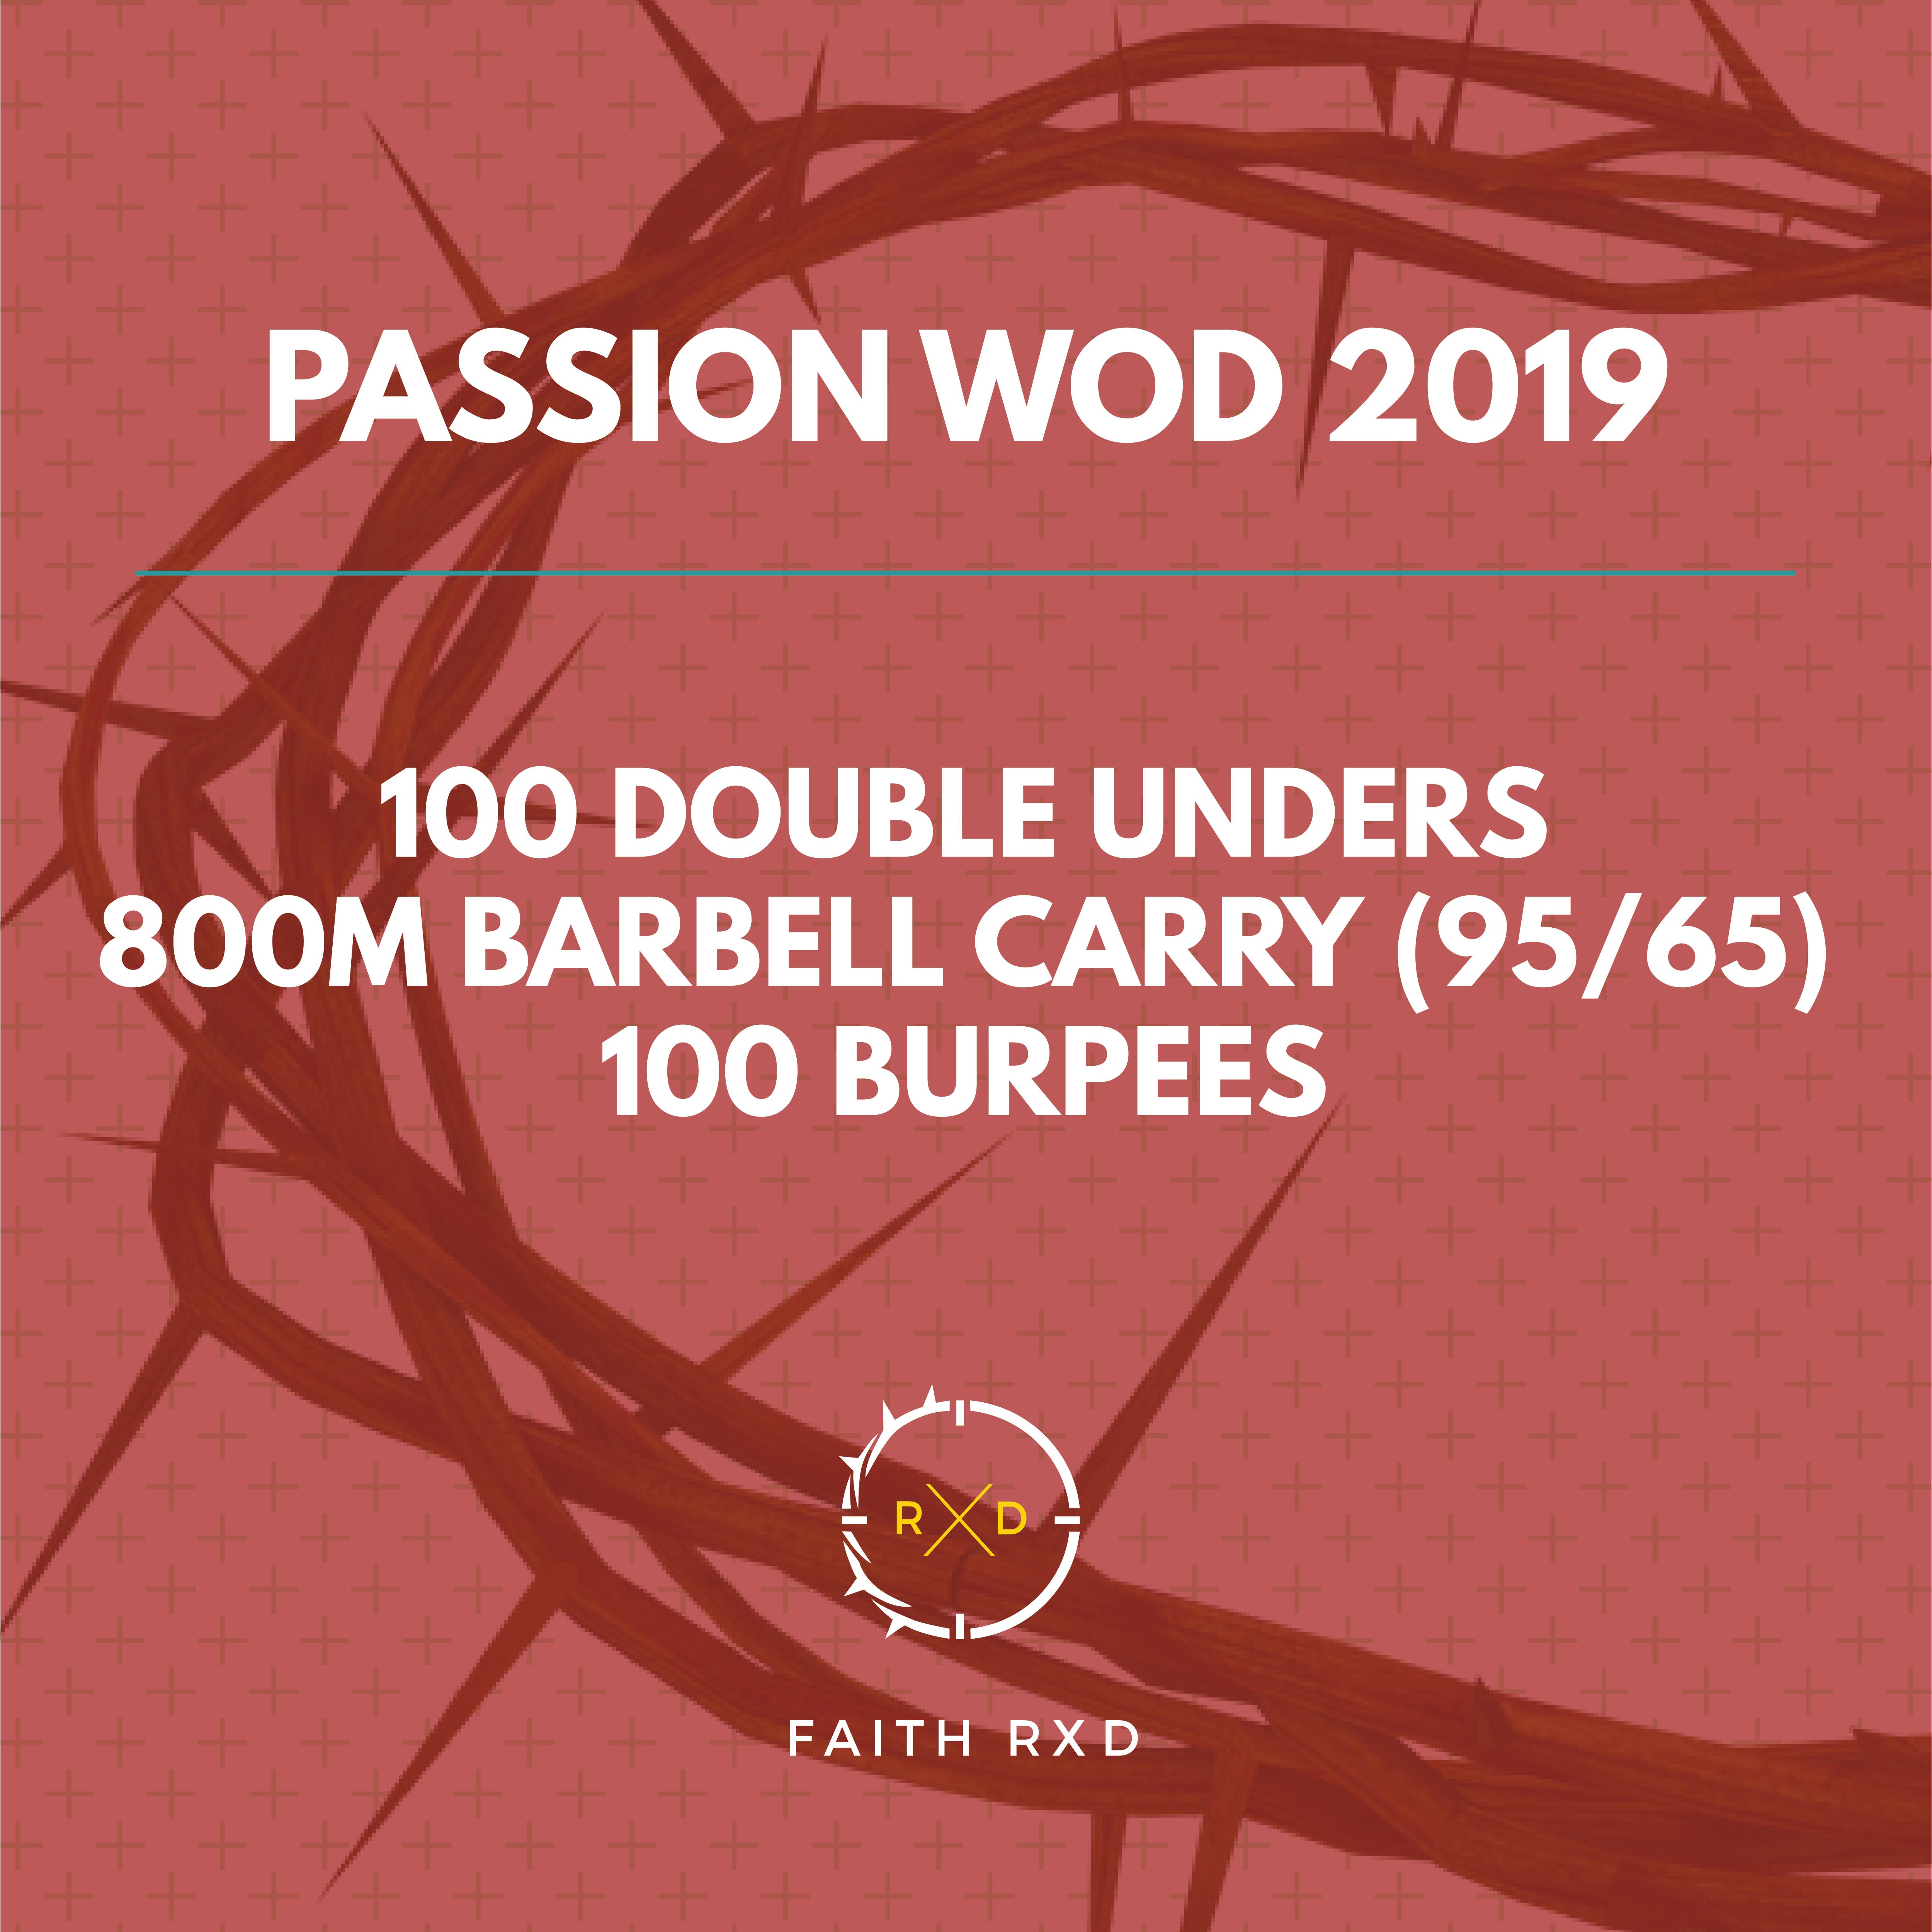 Passion WOD 2019